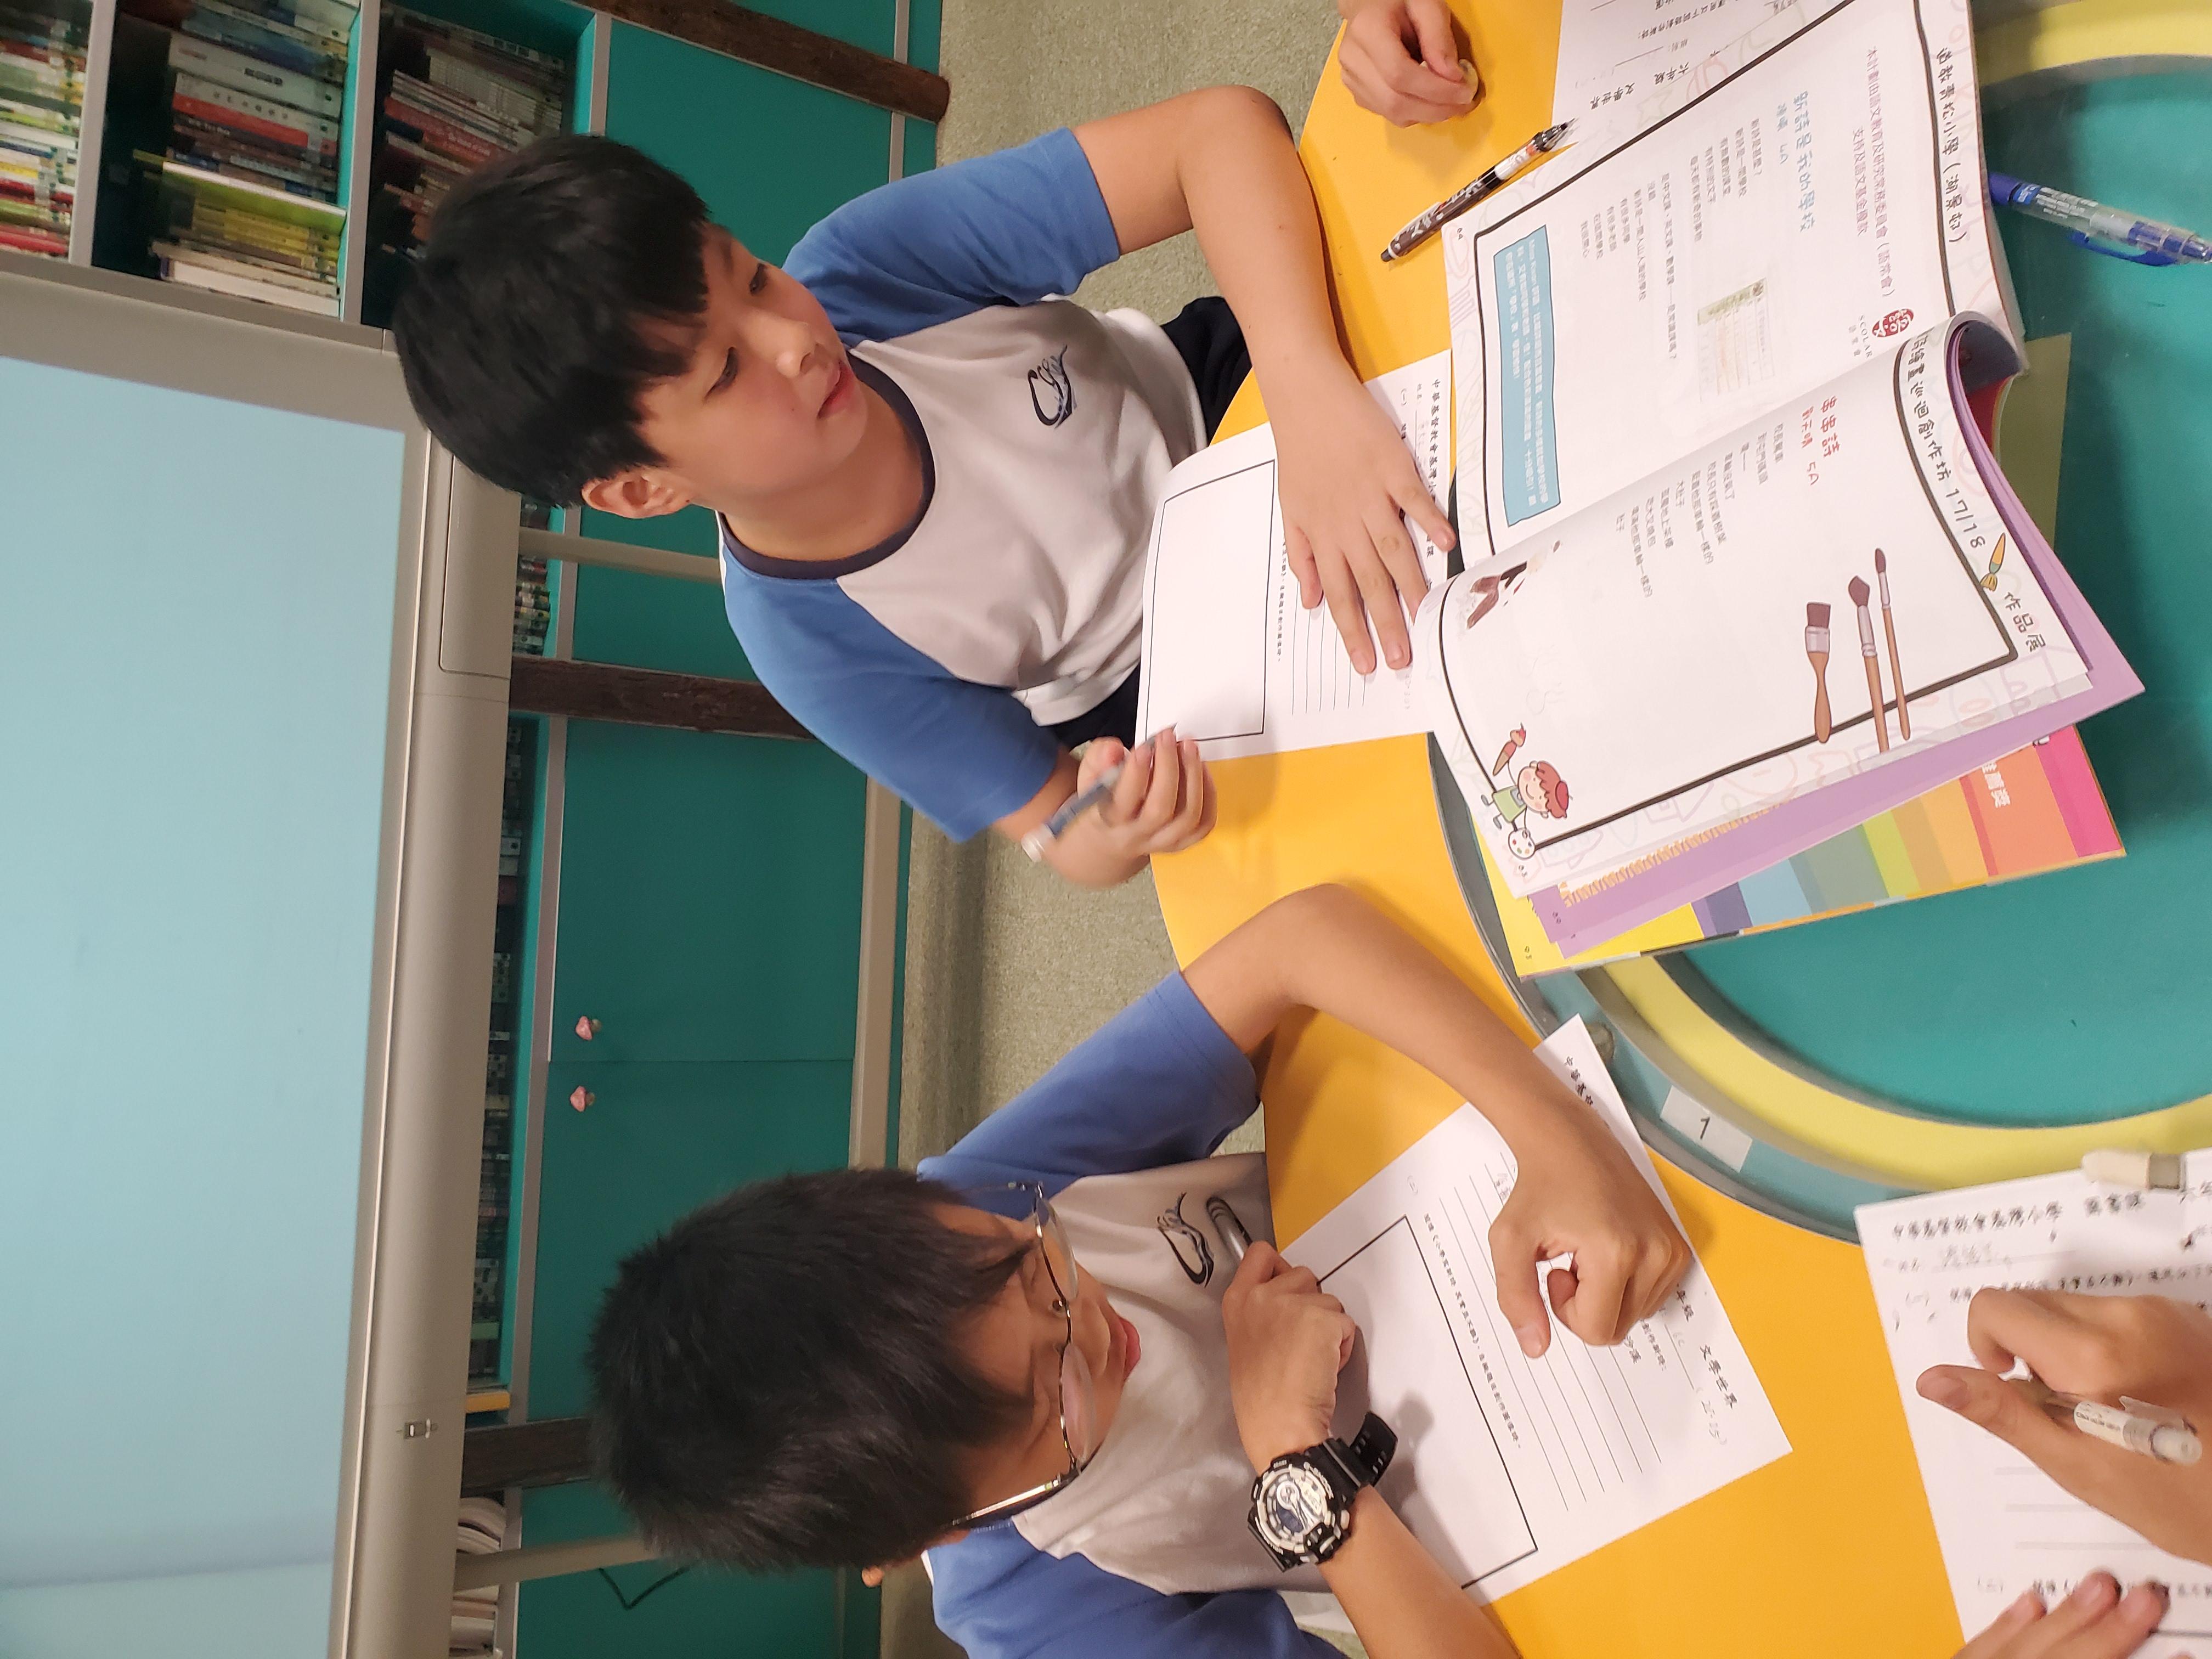 http://www.keiwan.edu.hk/sites/default/files/20191106_151519.jpg